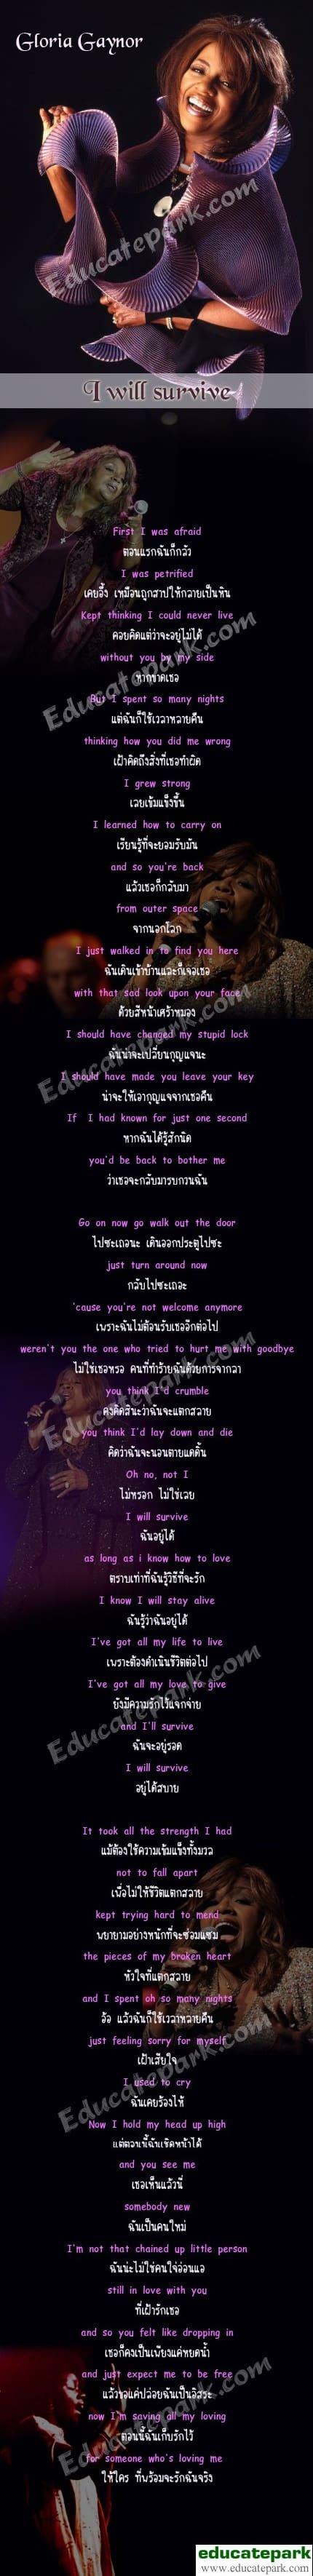 แปลเพลง I will survive - Gloria Gaynor ความหมายเพลง